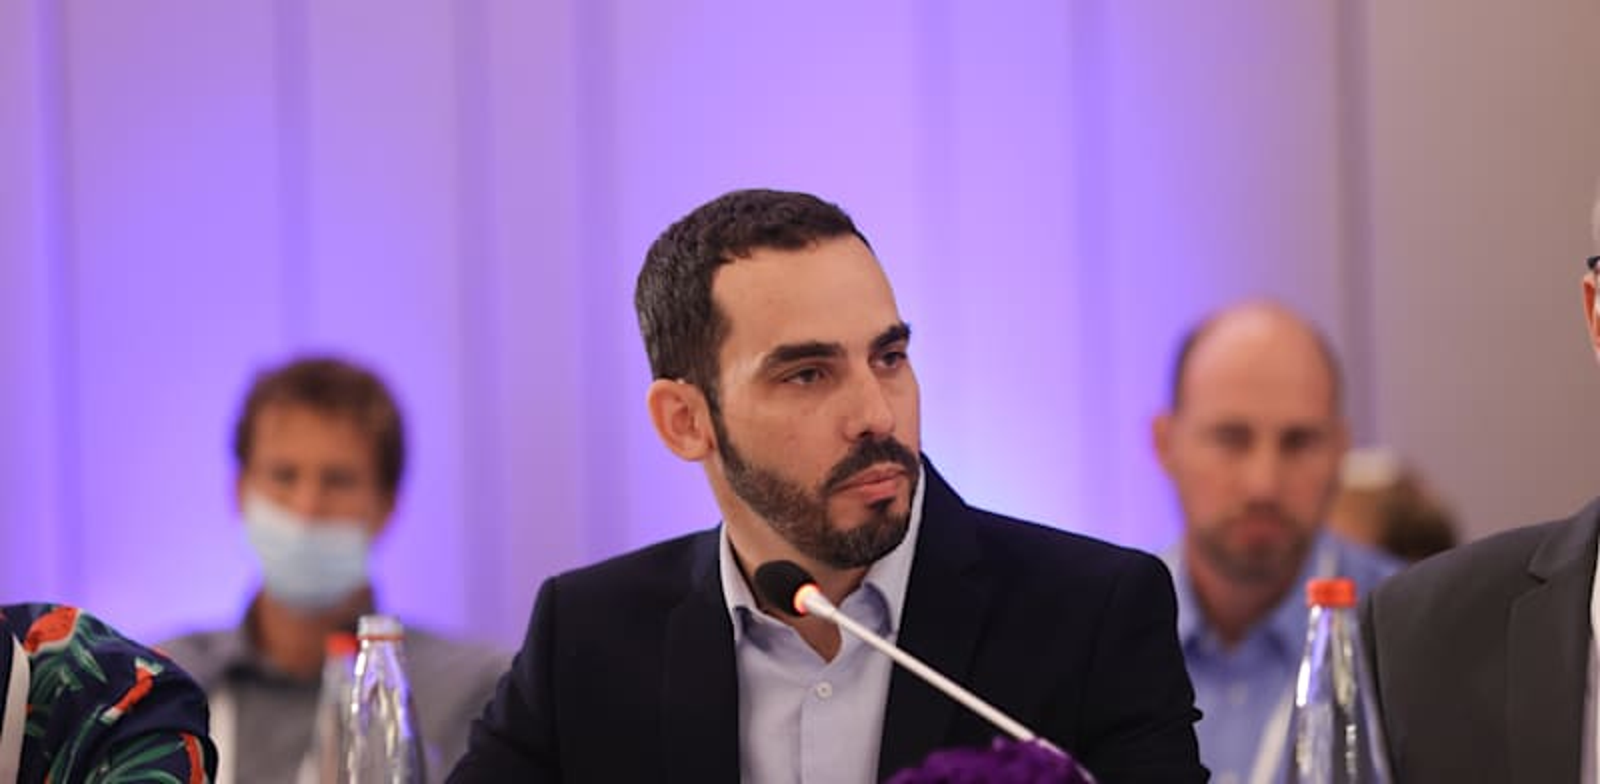 יוגב גרדוס, ממלא מקום הממונה על התקציבים במשרד האוצר / צילום: המכון הישראלי לדמוקרטיה